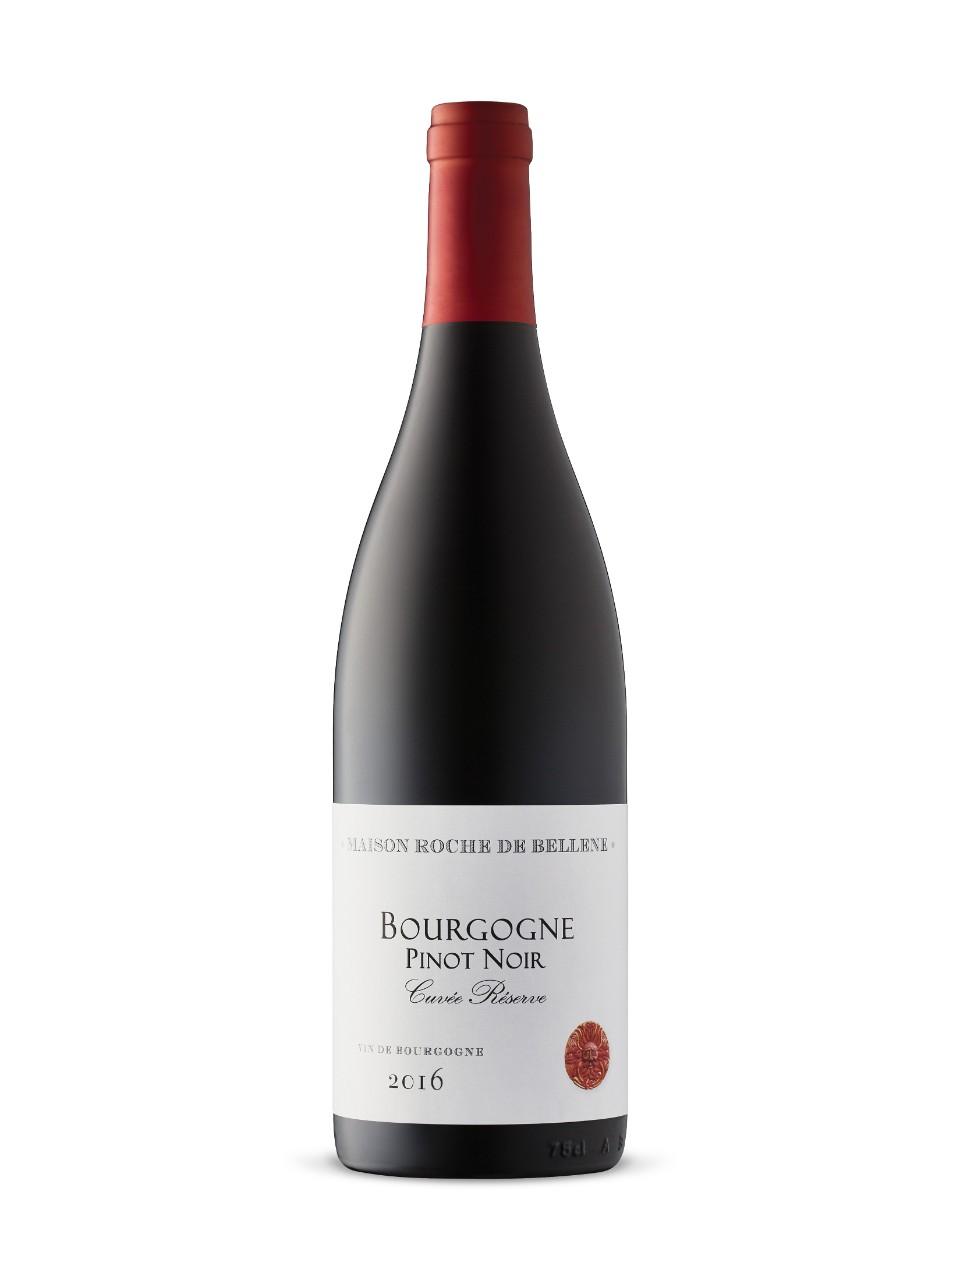 Roche de Bellene Cuvée Réserve Bourgogne Pinot Noir 2018 from LCBO